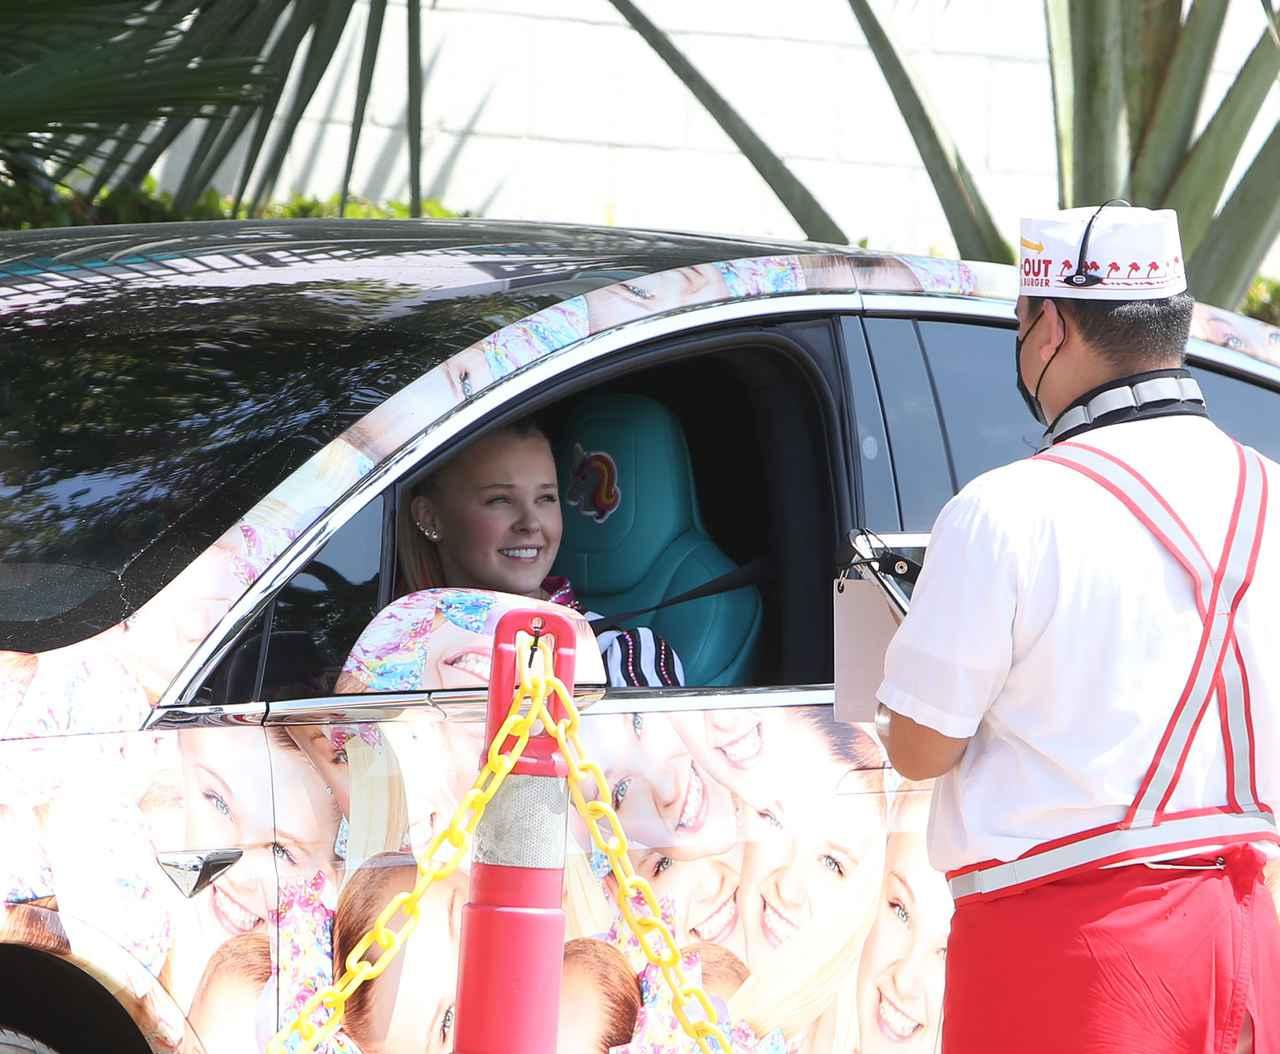 画像1: ジョジョ・シワ、顔面テスラ車でファストフード店へ